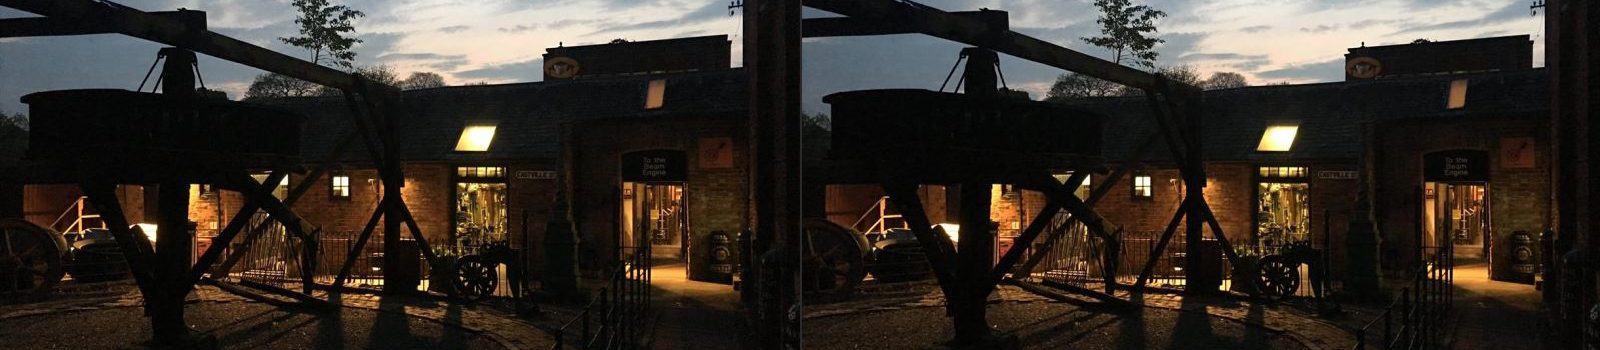 Nottingham Industrial Museum At Night